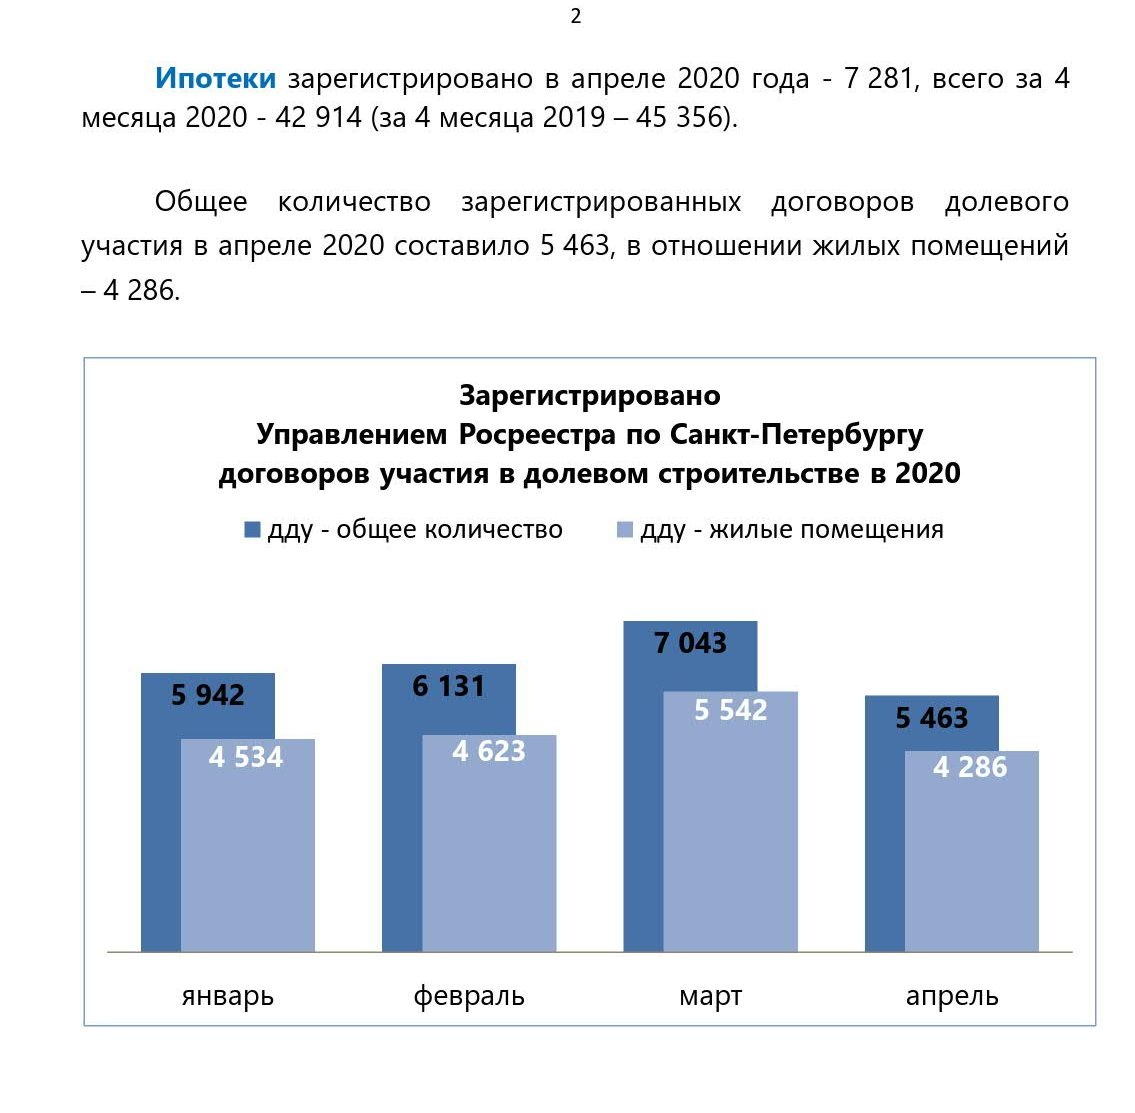 В апреле в Санкт-Петербурге продолжился рост документов, поступающих в электронном виде_2